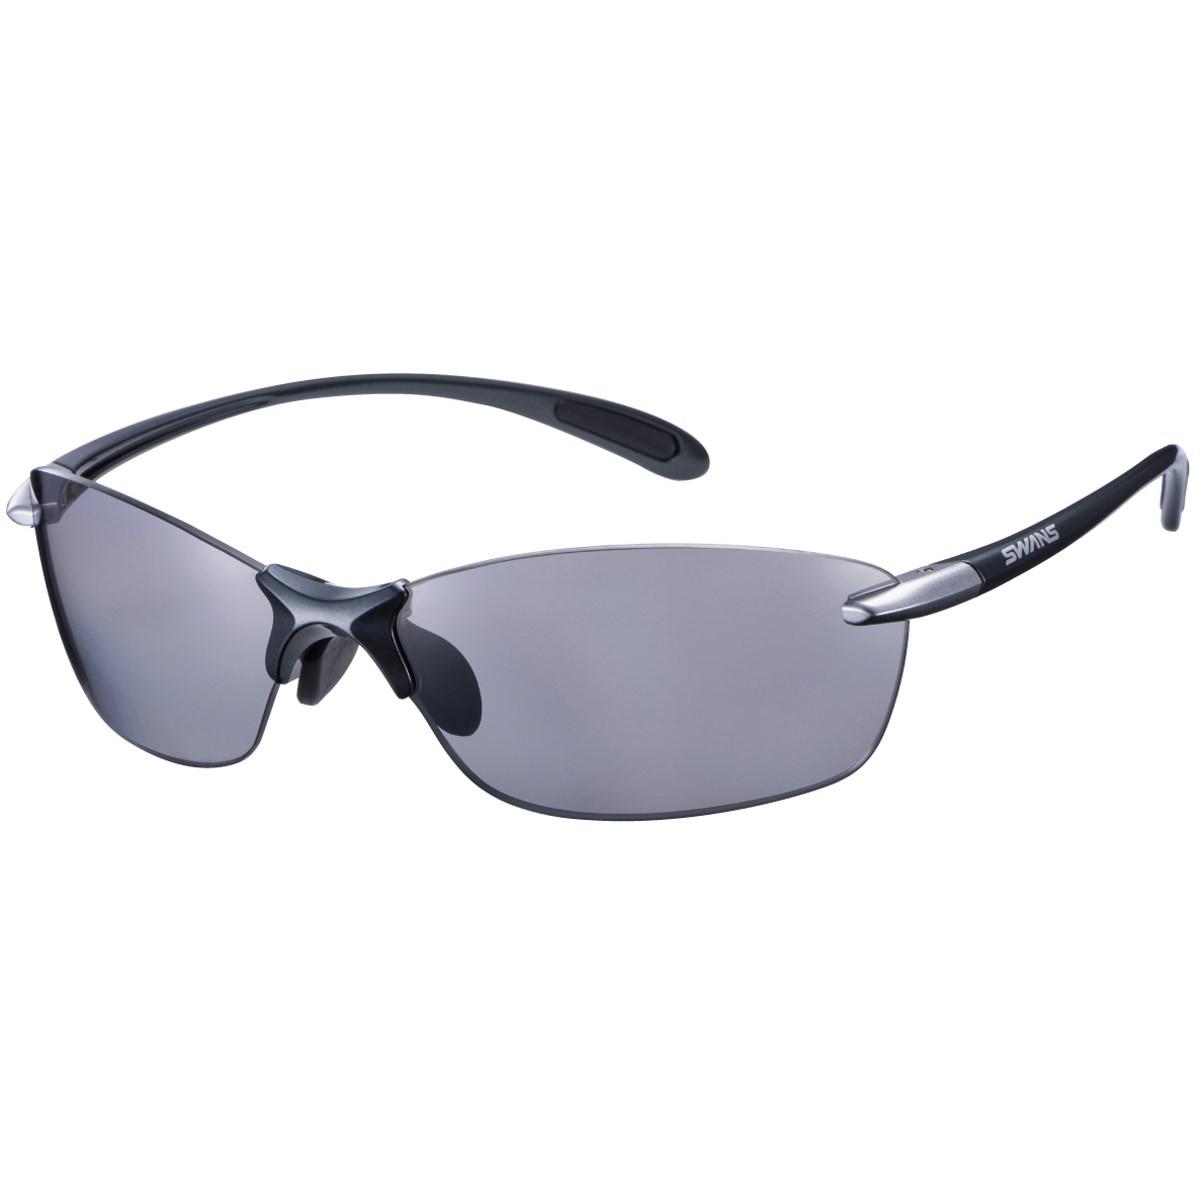 SWANS 偏光レンズ スポーツサングラス